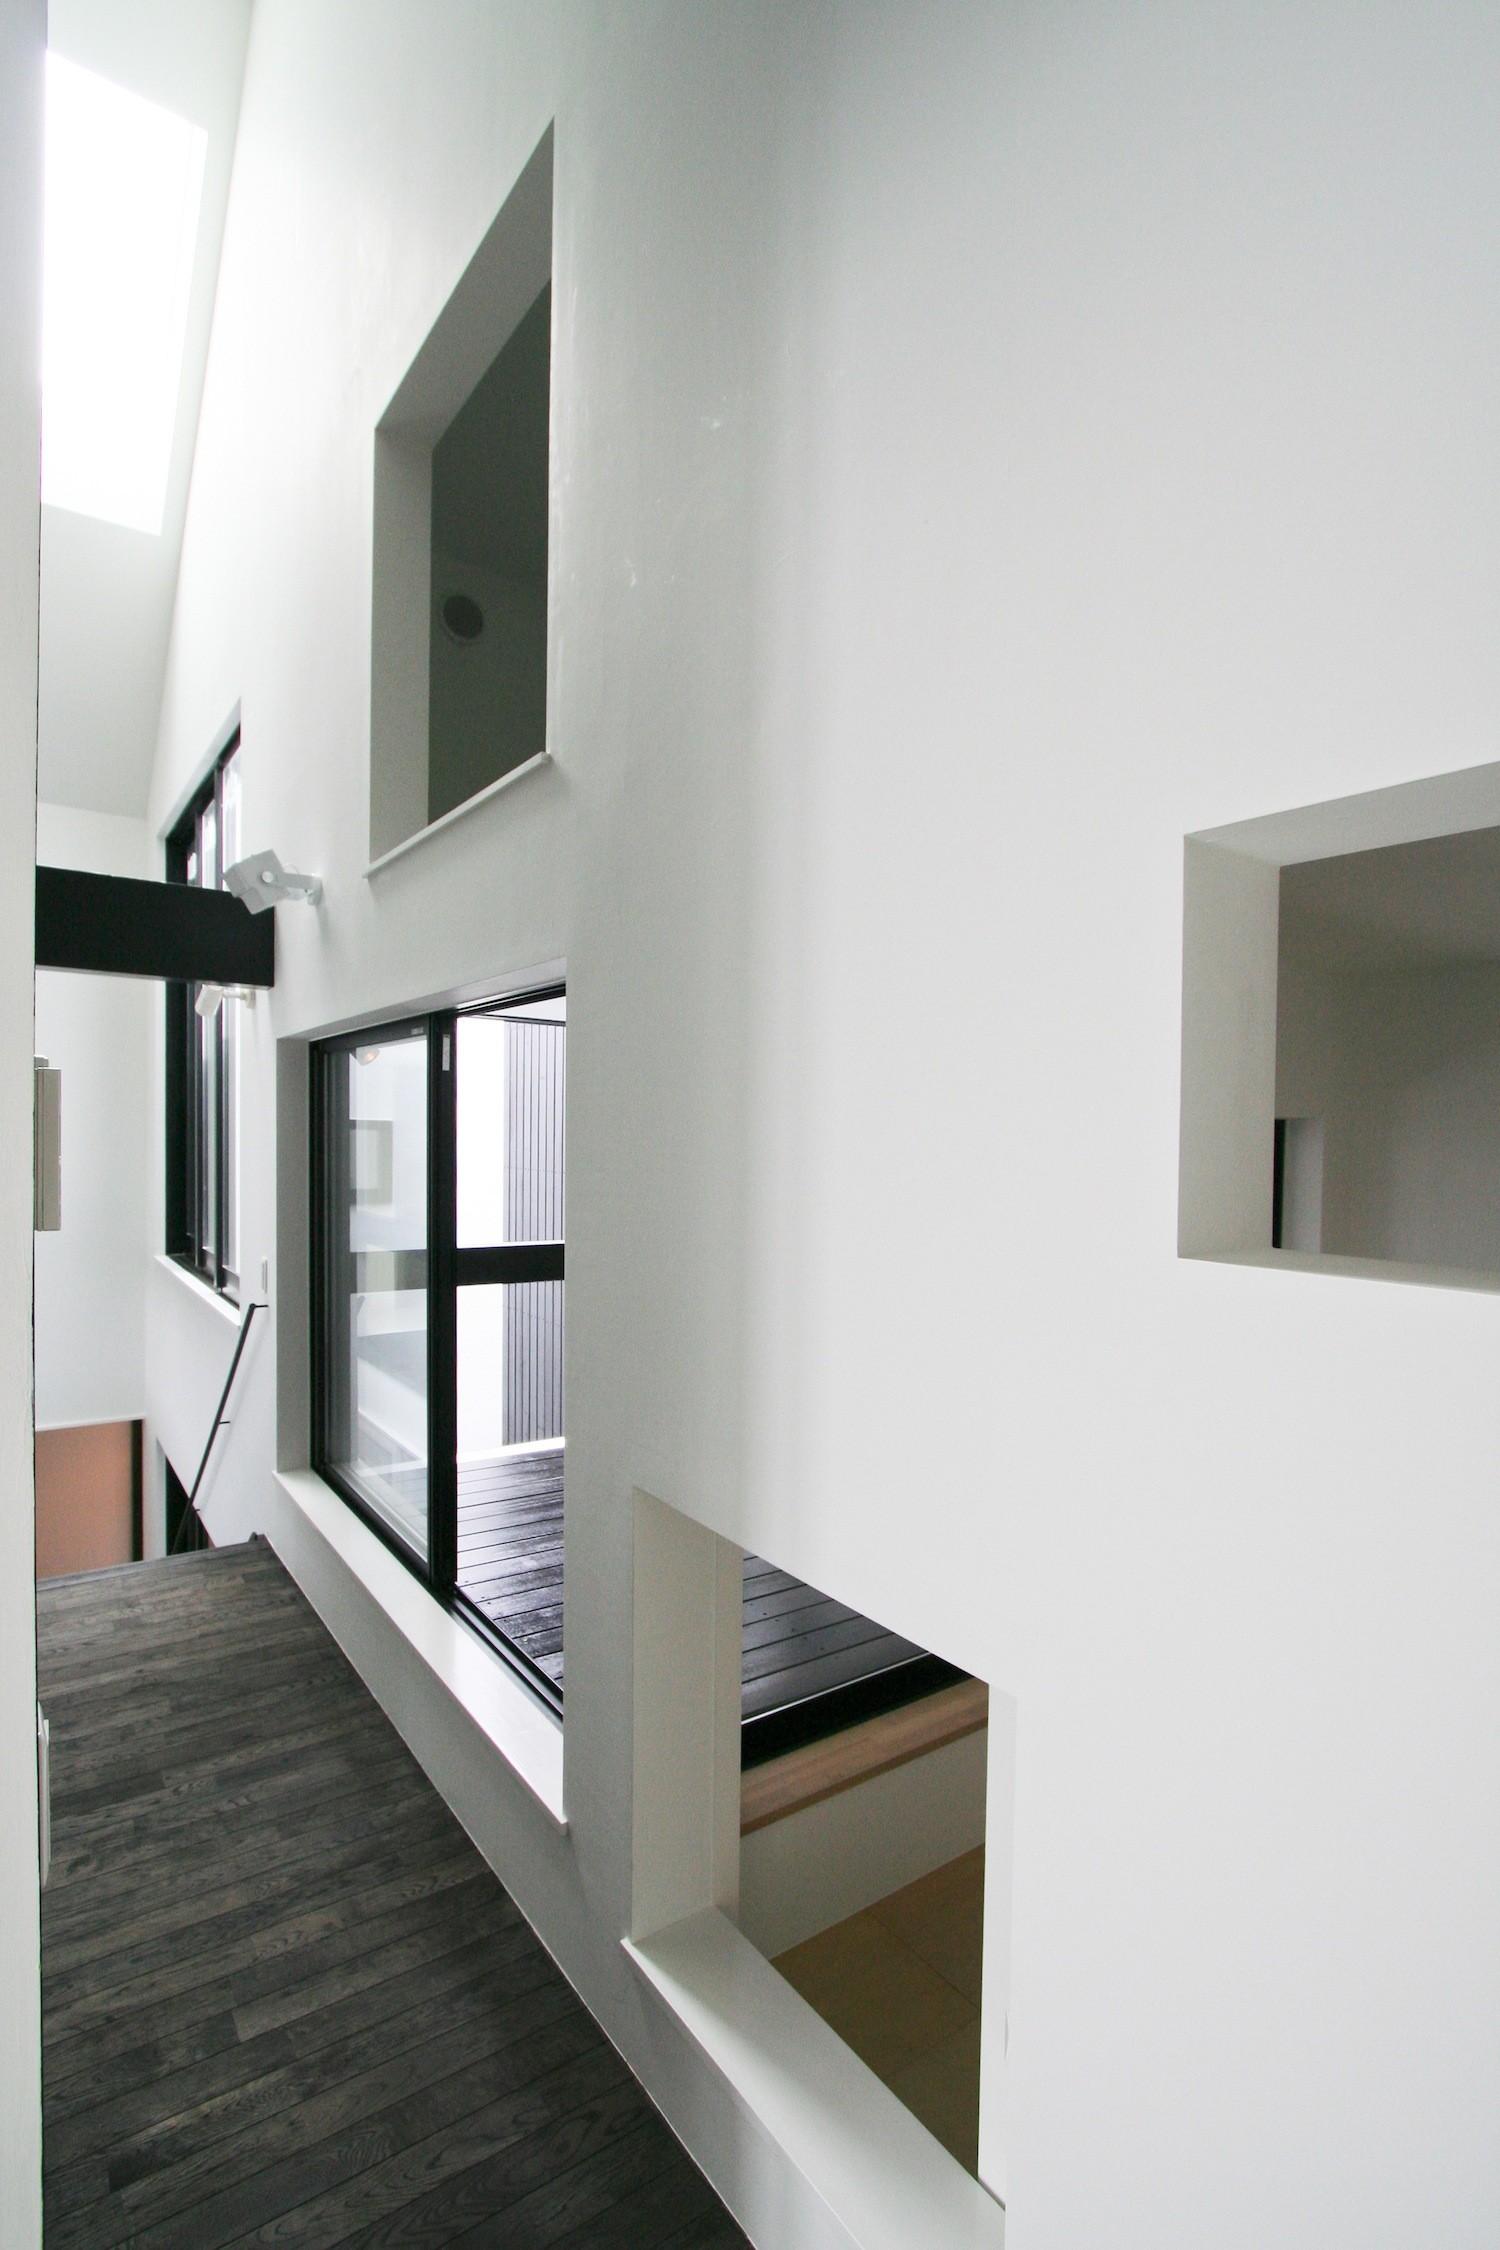 書斎事例:インナーバルコニーと小和室(中庭のある家 OUCHI-04)